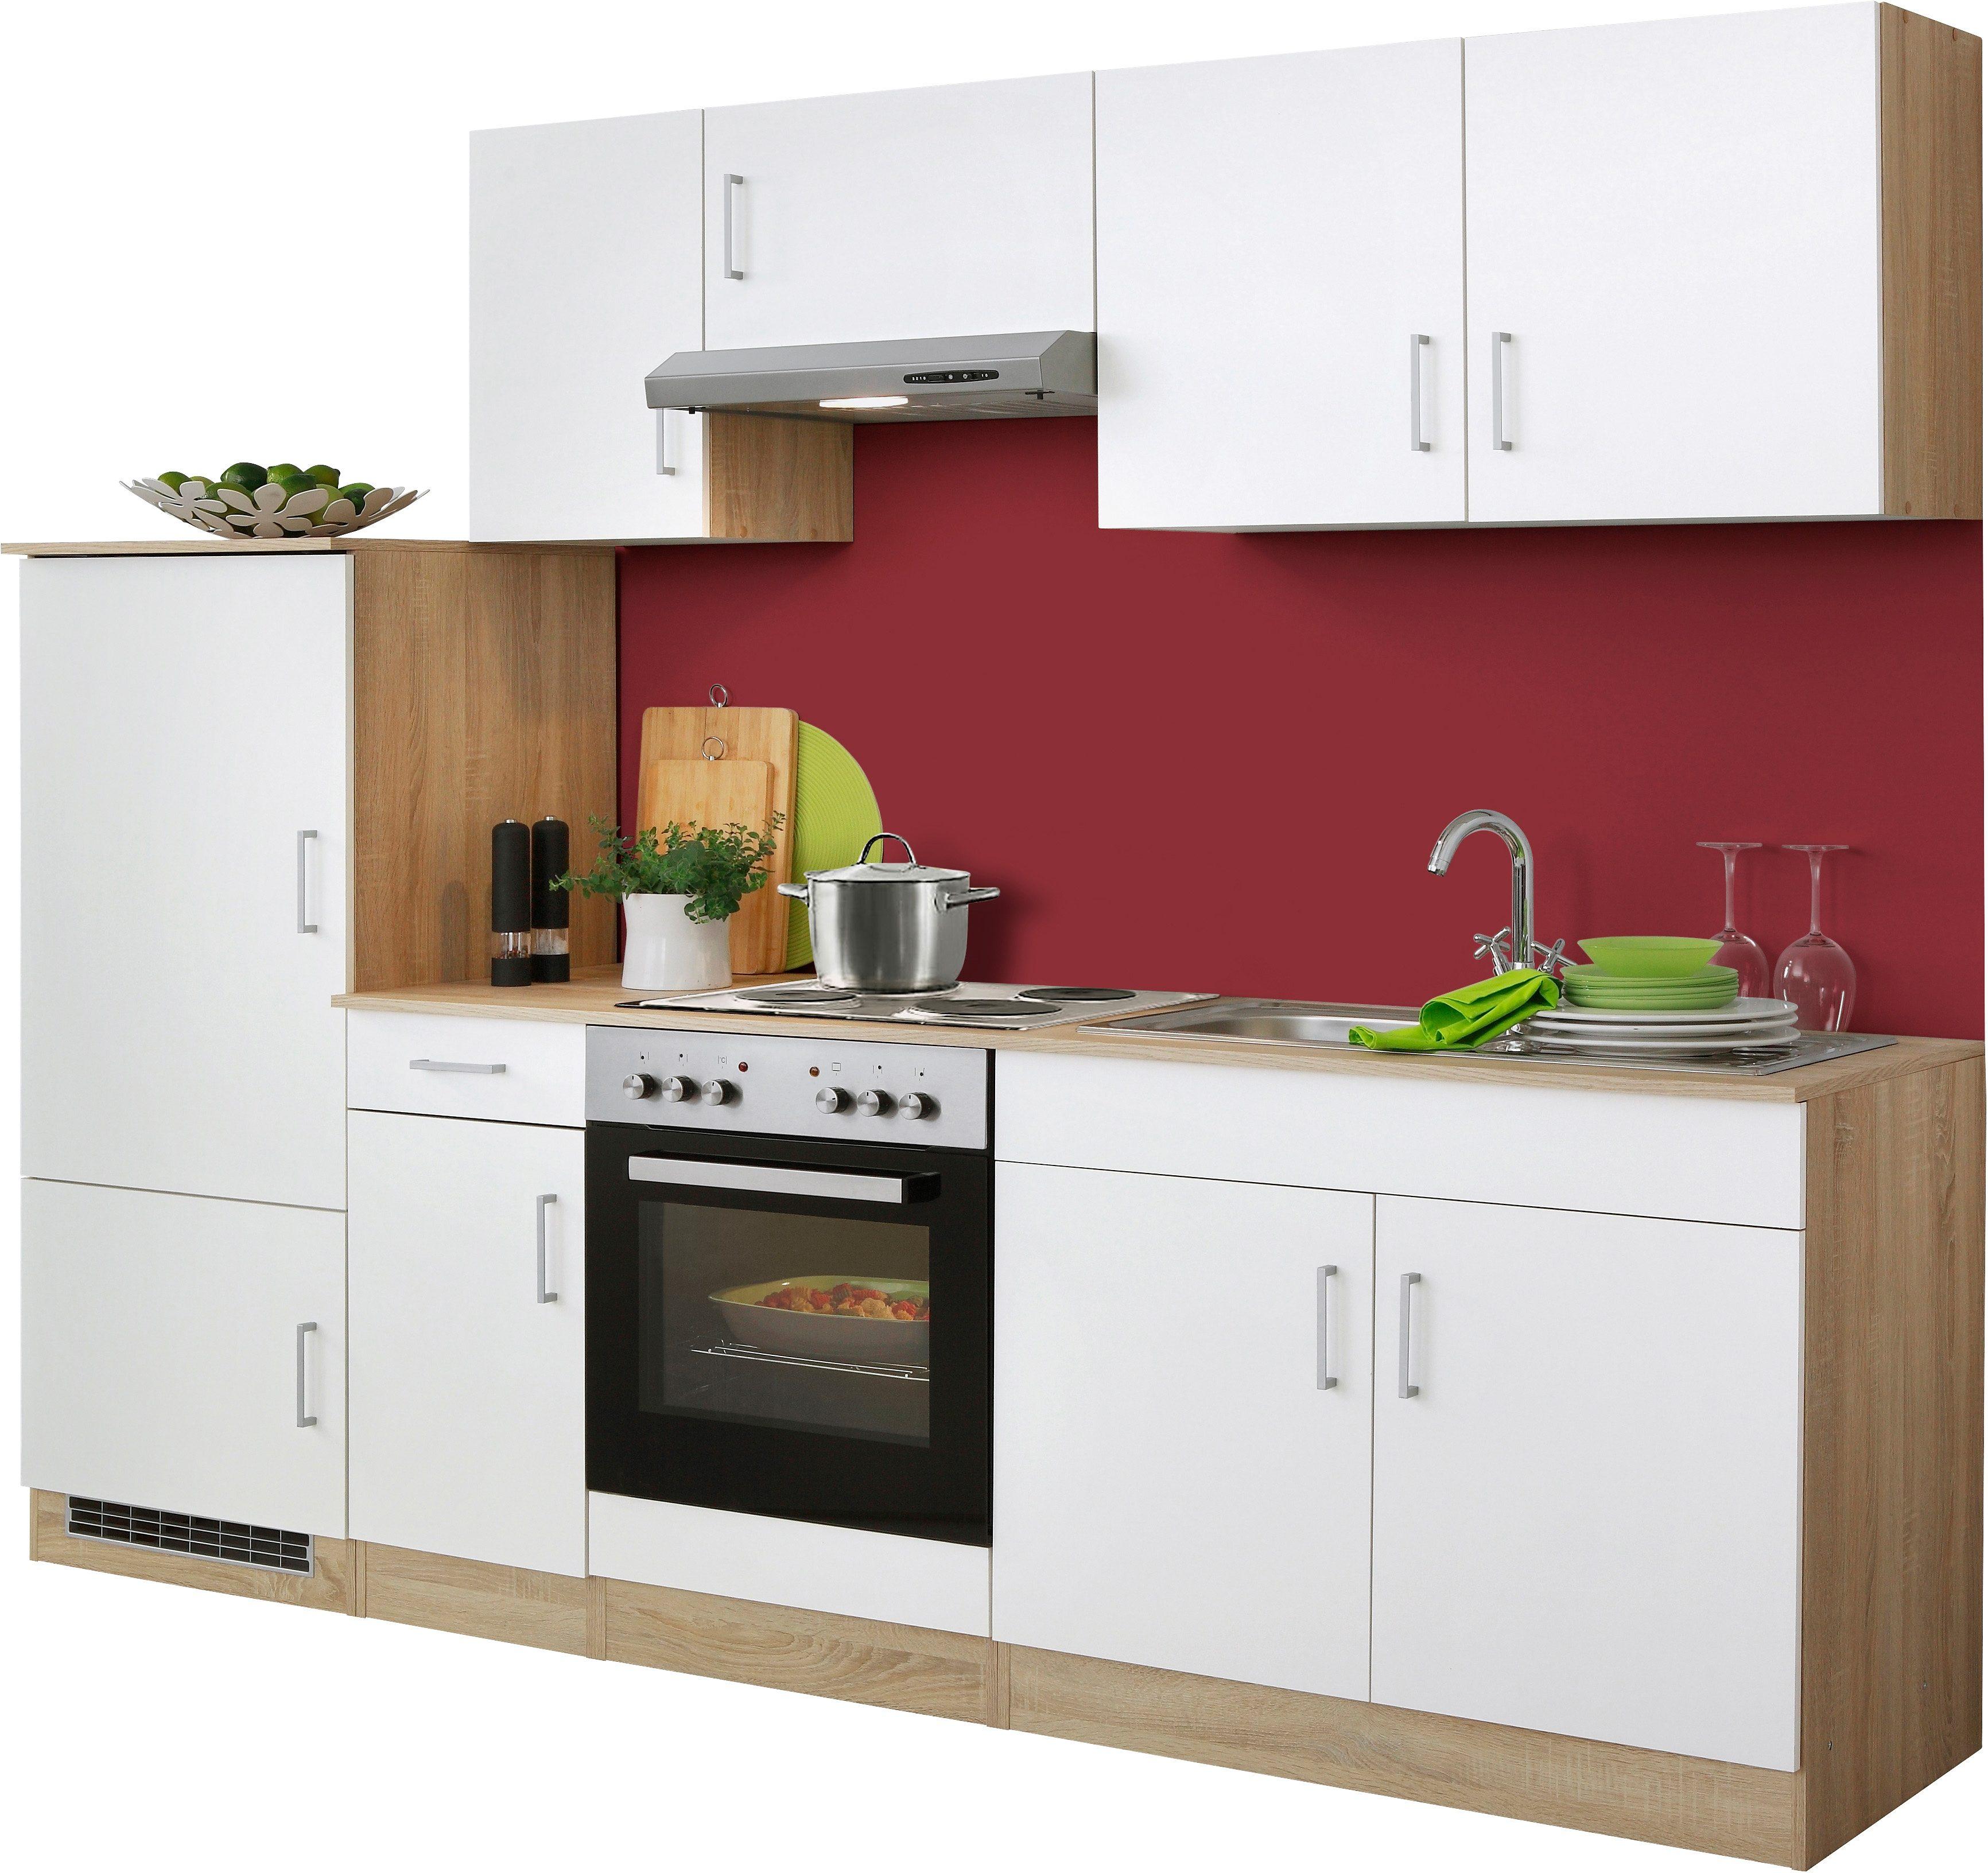 k chen g nstig kaufen stuttgart gebrauchte k chen in. Black Bedroom Furniture Sets. Home Design Ideas